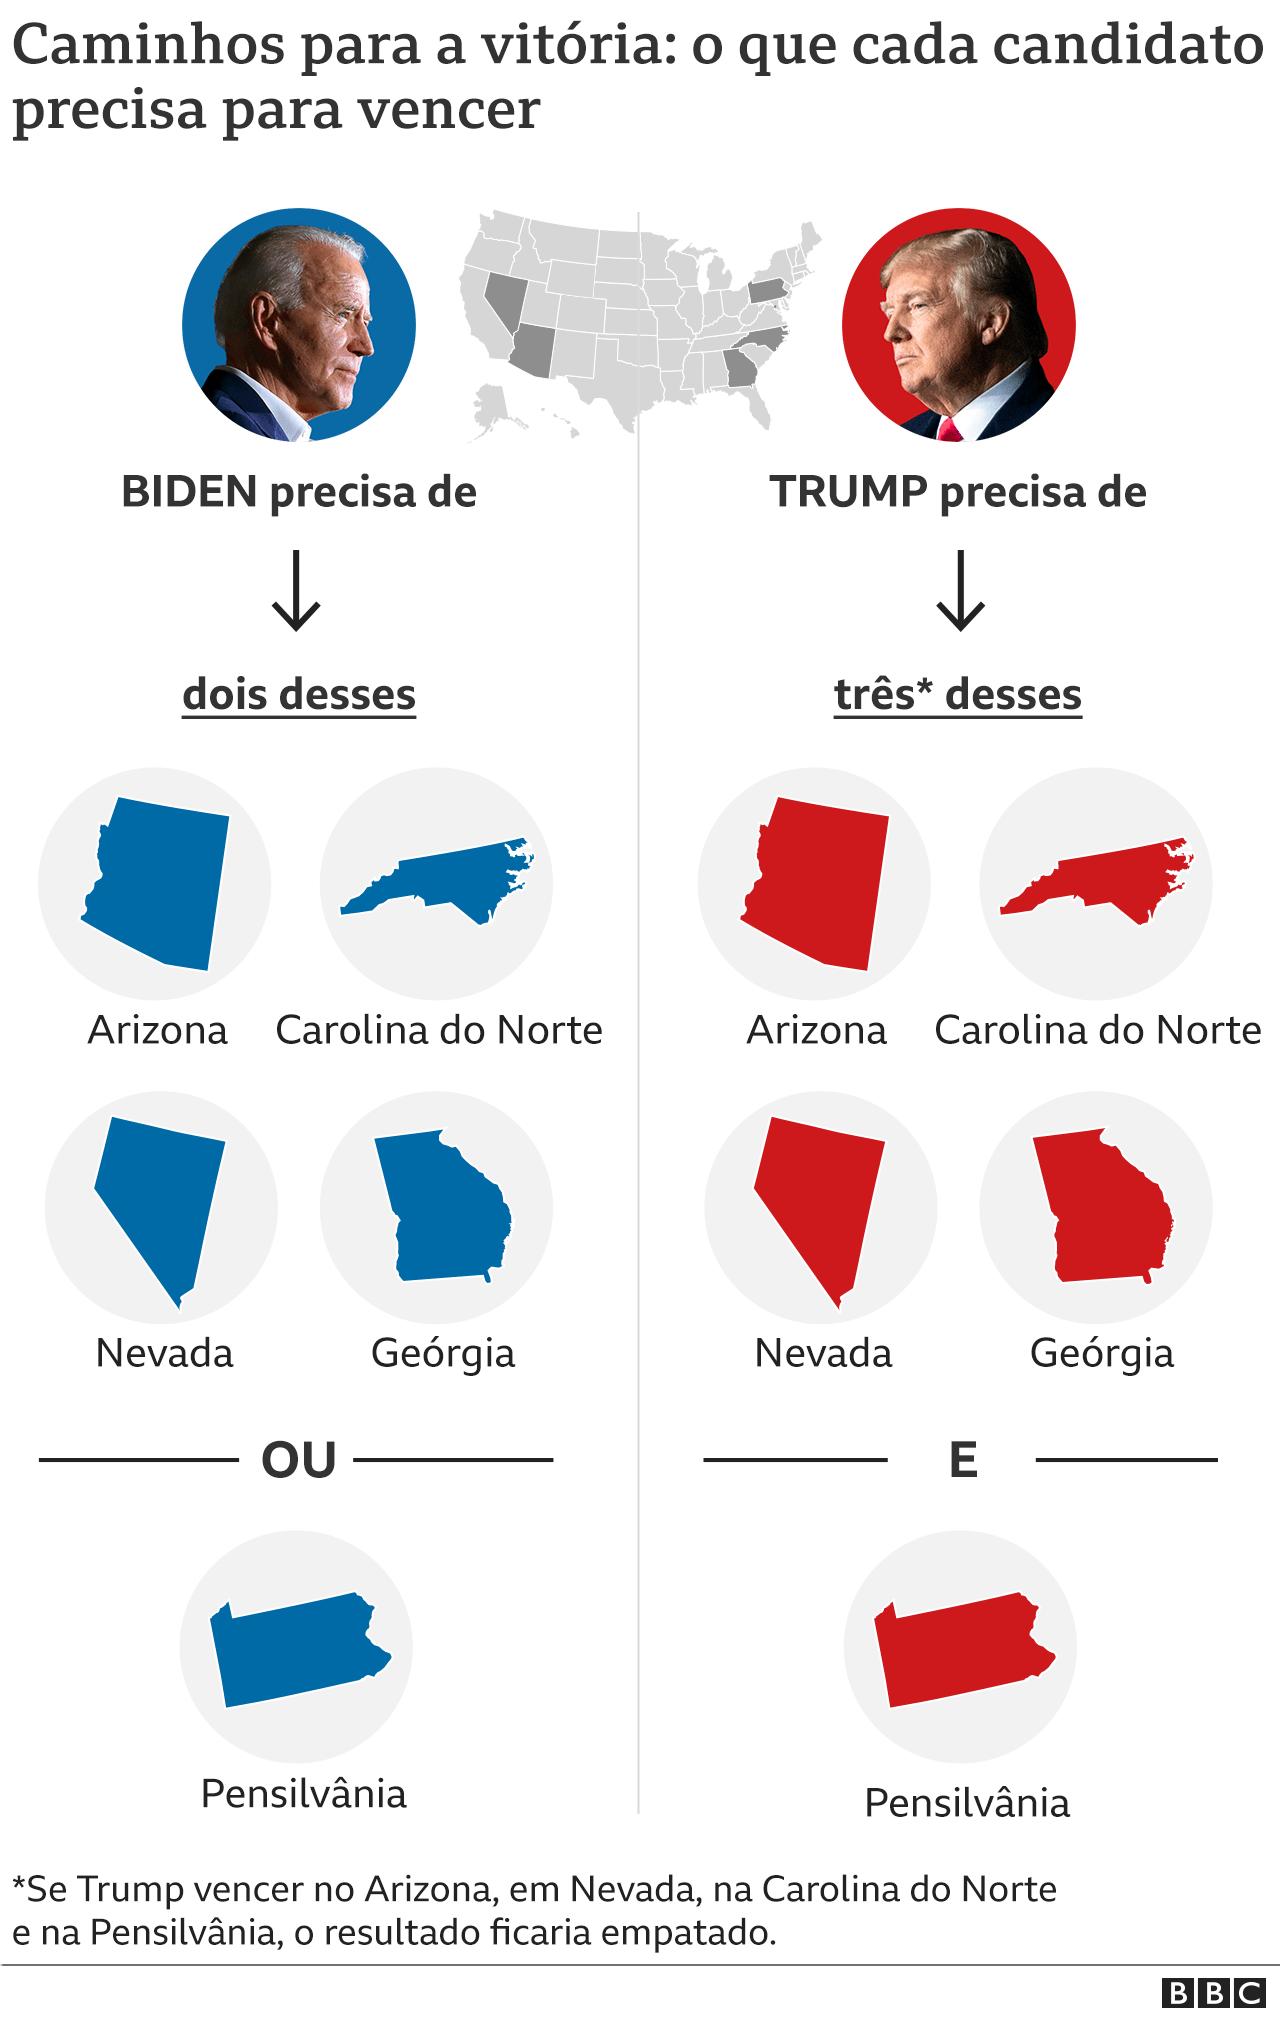 Possíveis caminhos para vitória de Trump ou Biden